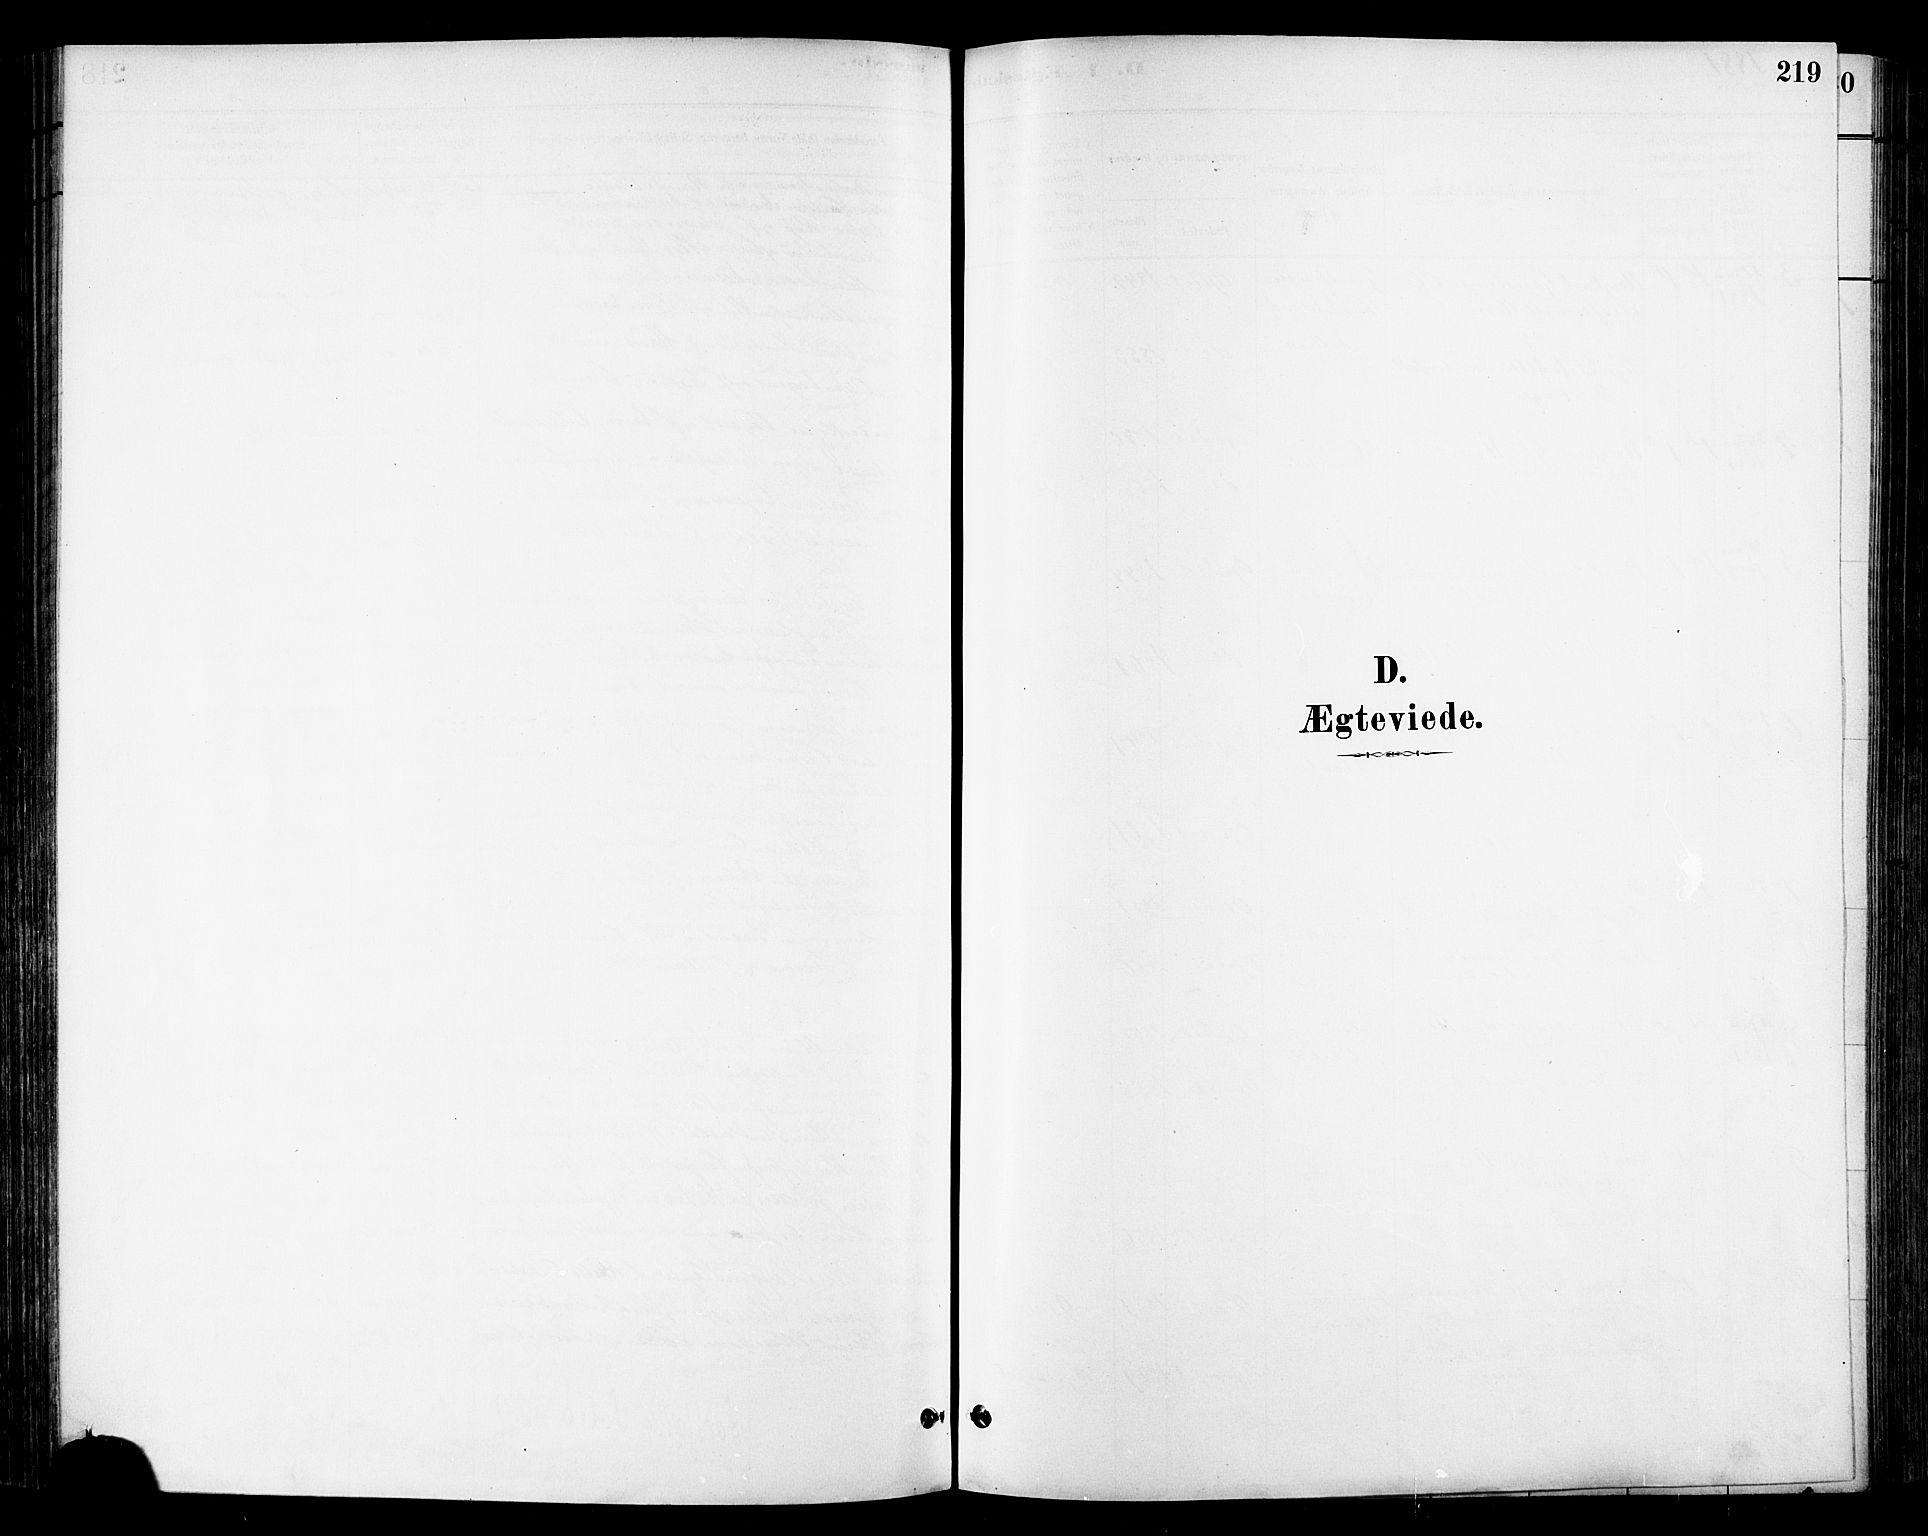 SAT, Ministerialprotokoller, klokkerbøker og fødselsregistre - Sør-Trøndelag, 678/L0901: Ministerialbok nr. 678A10, 1881-1894, s. 219